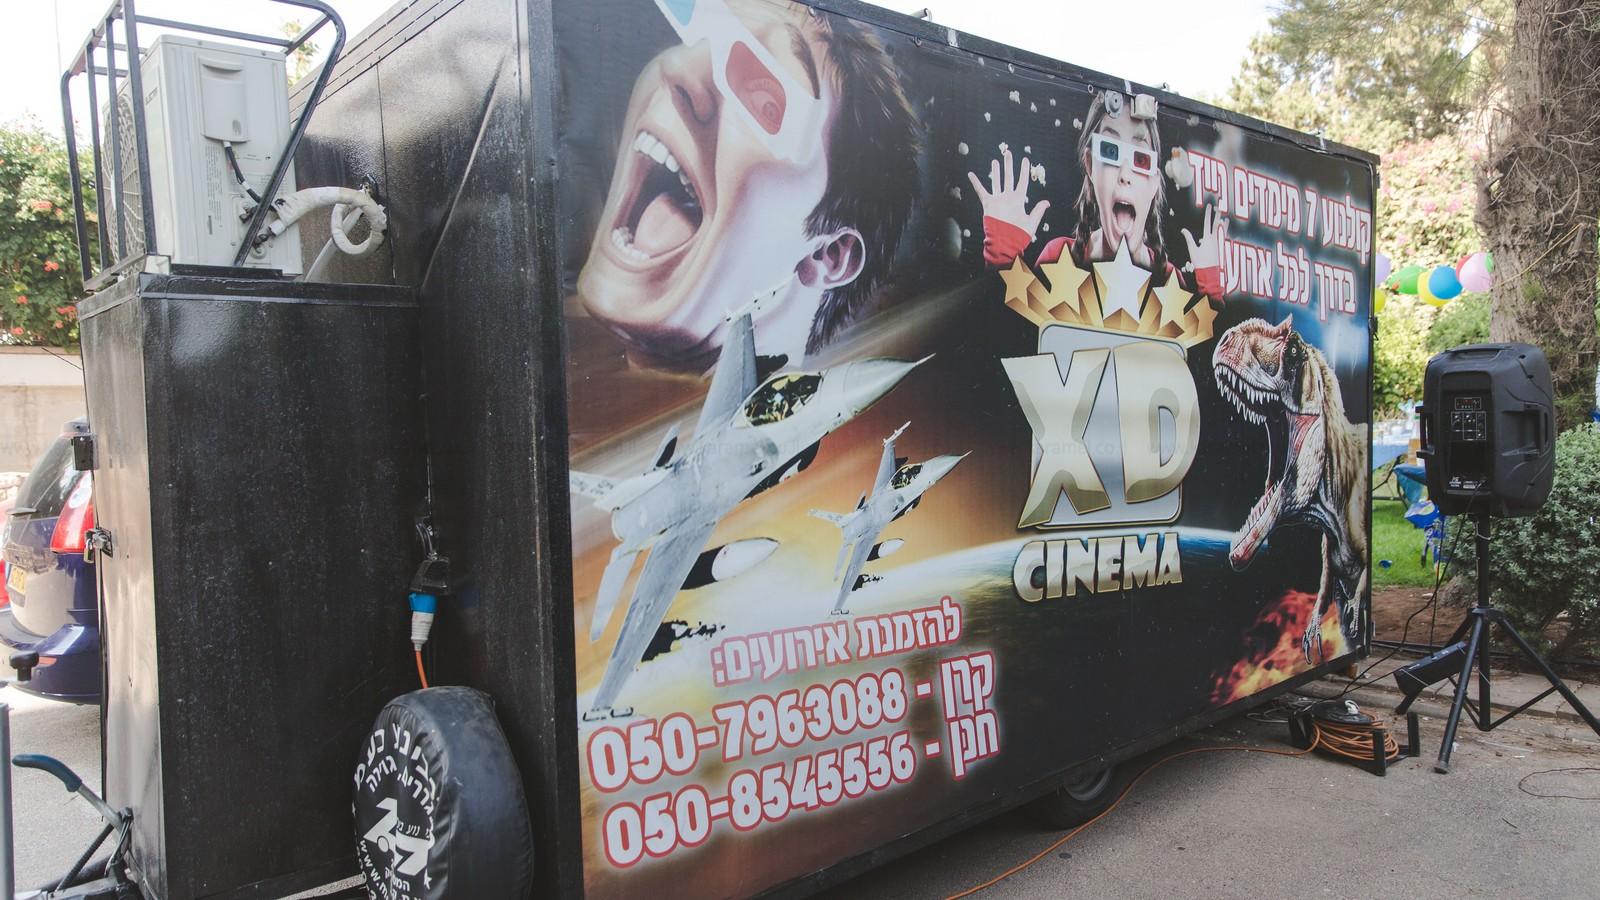 קולנוע נייד במימד אחר - 073-7598860